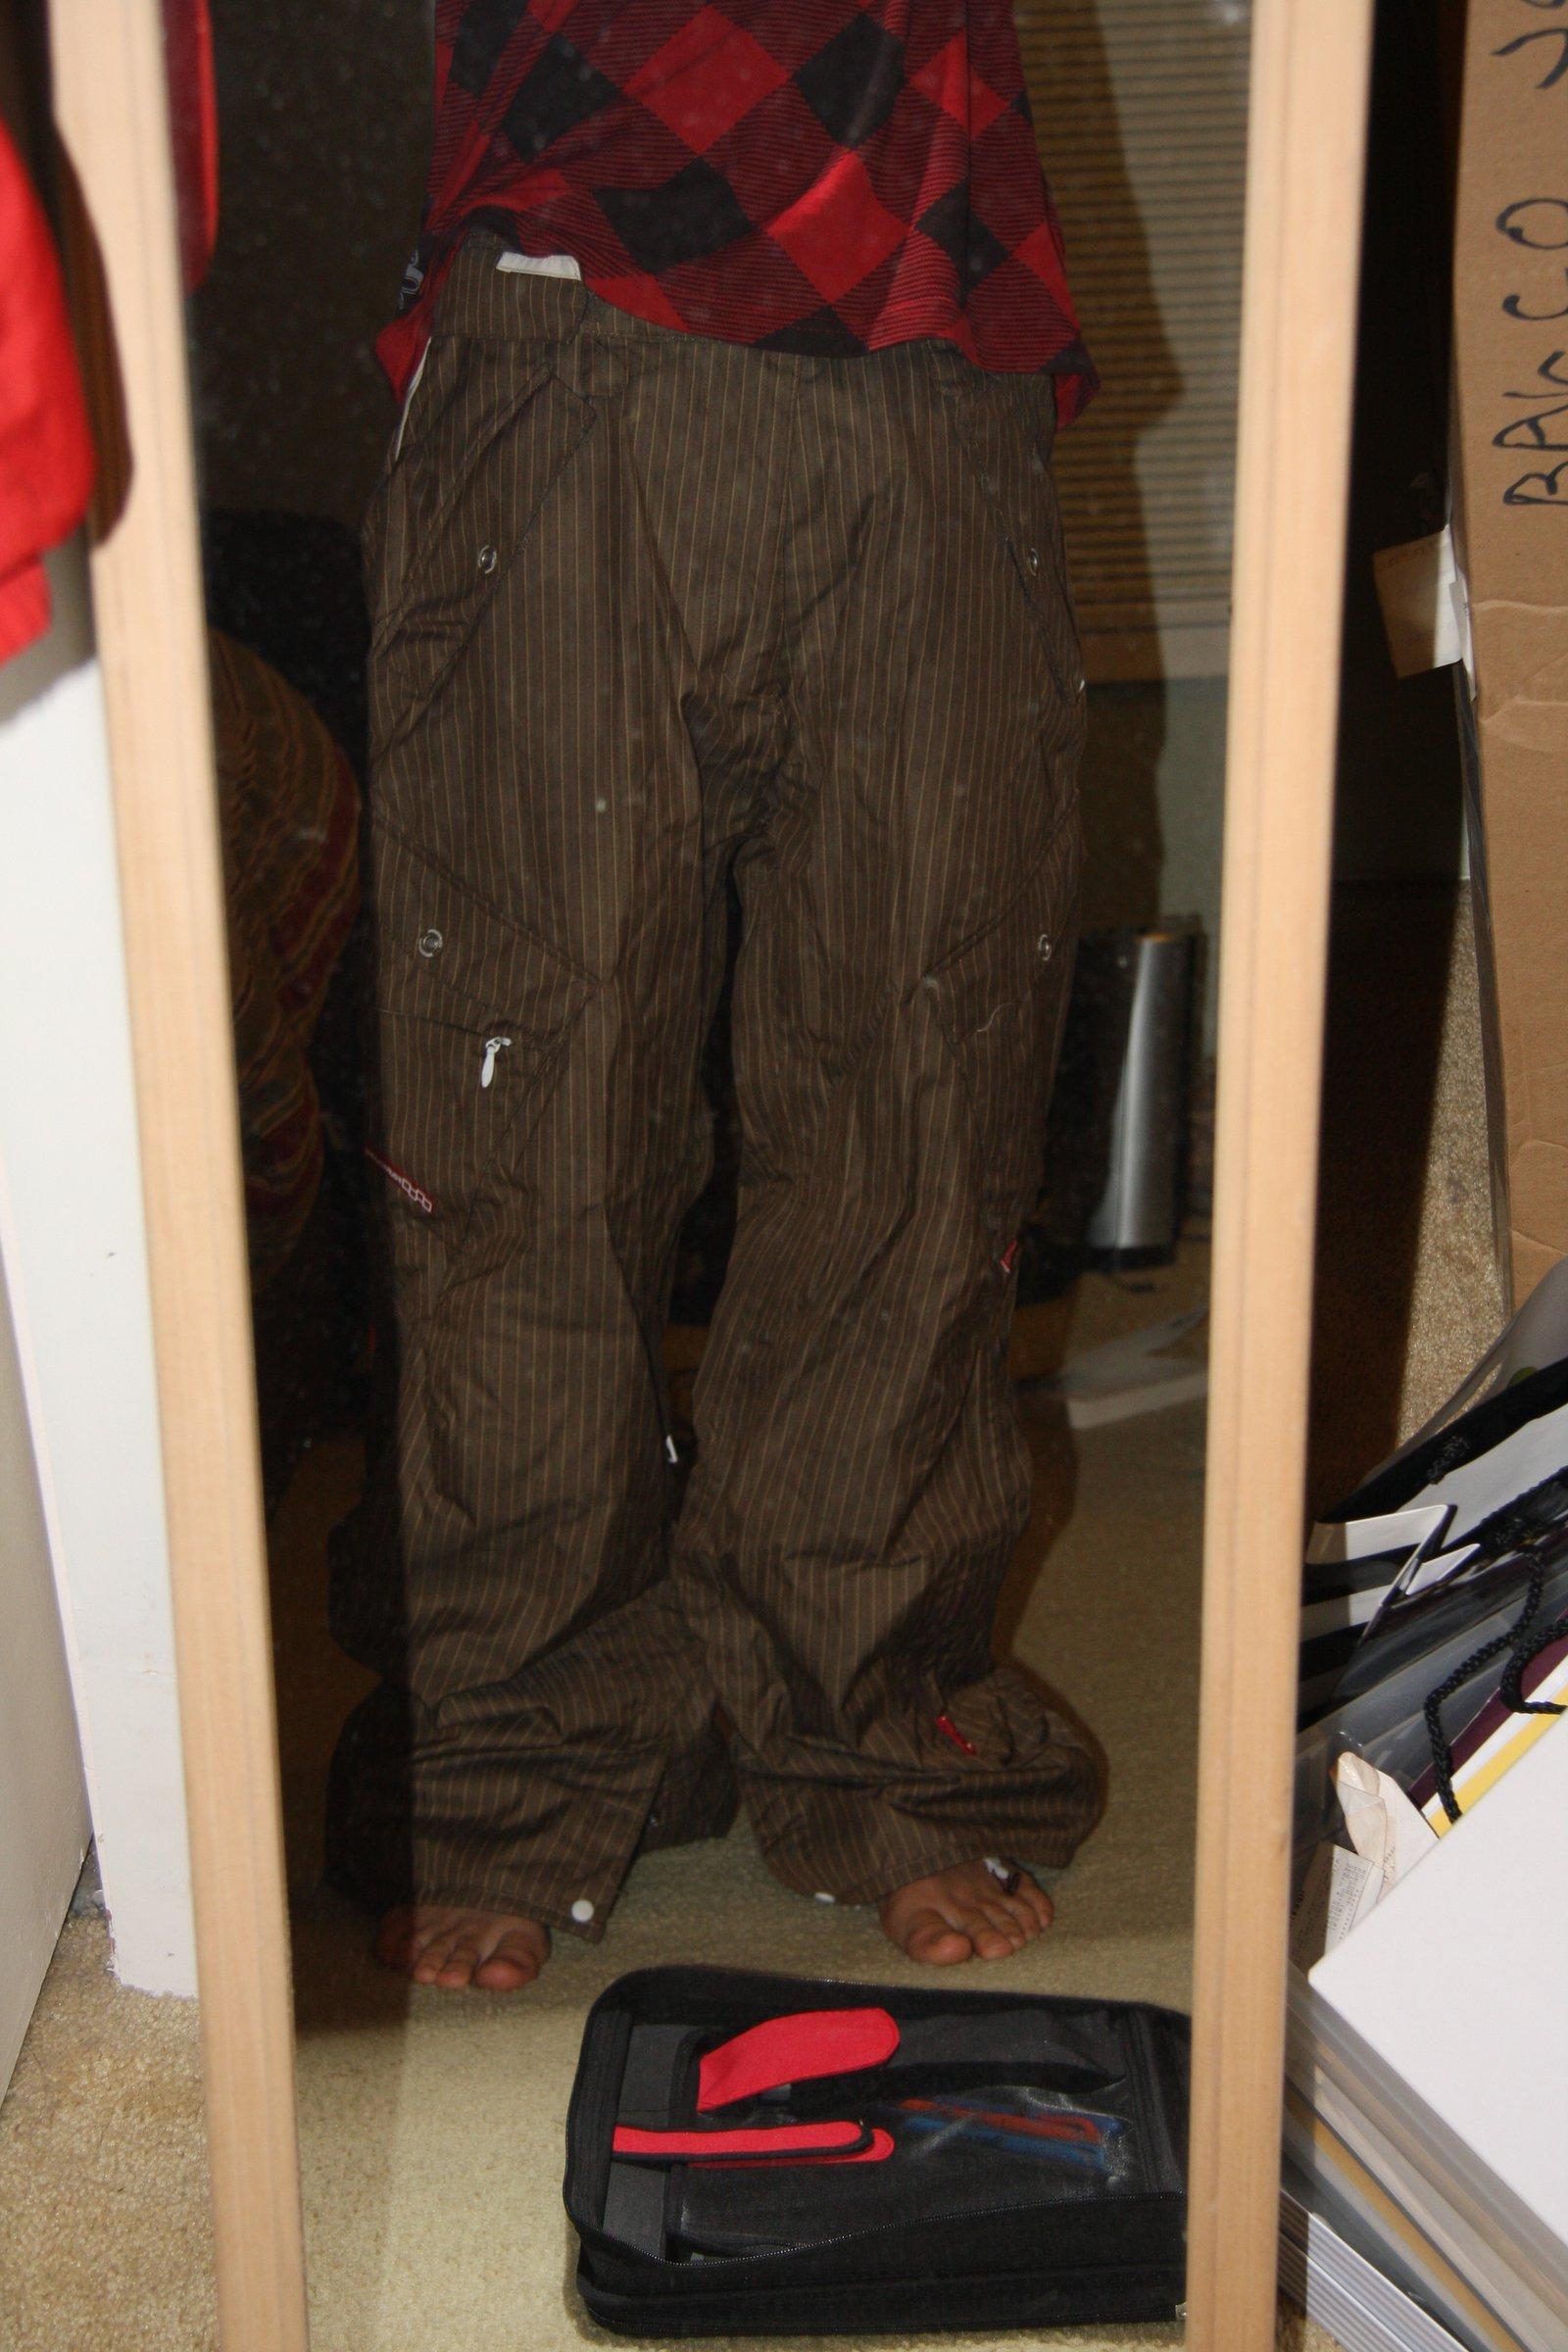 Foursquare pants for sale